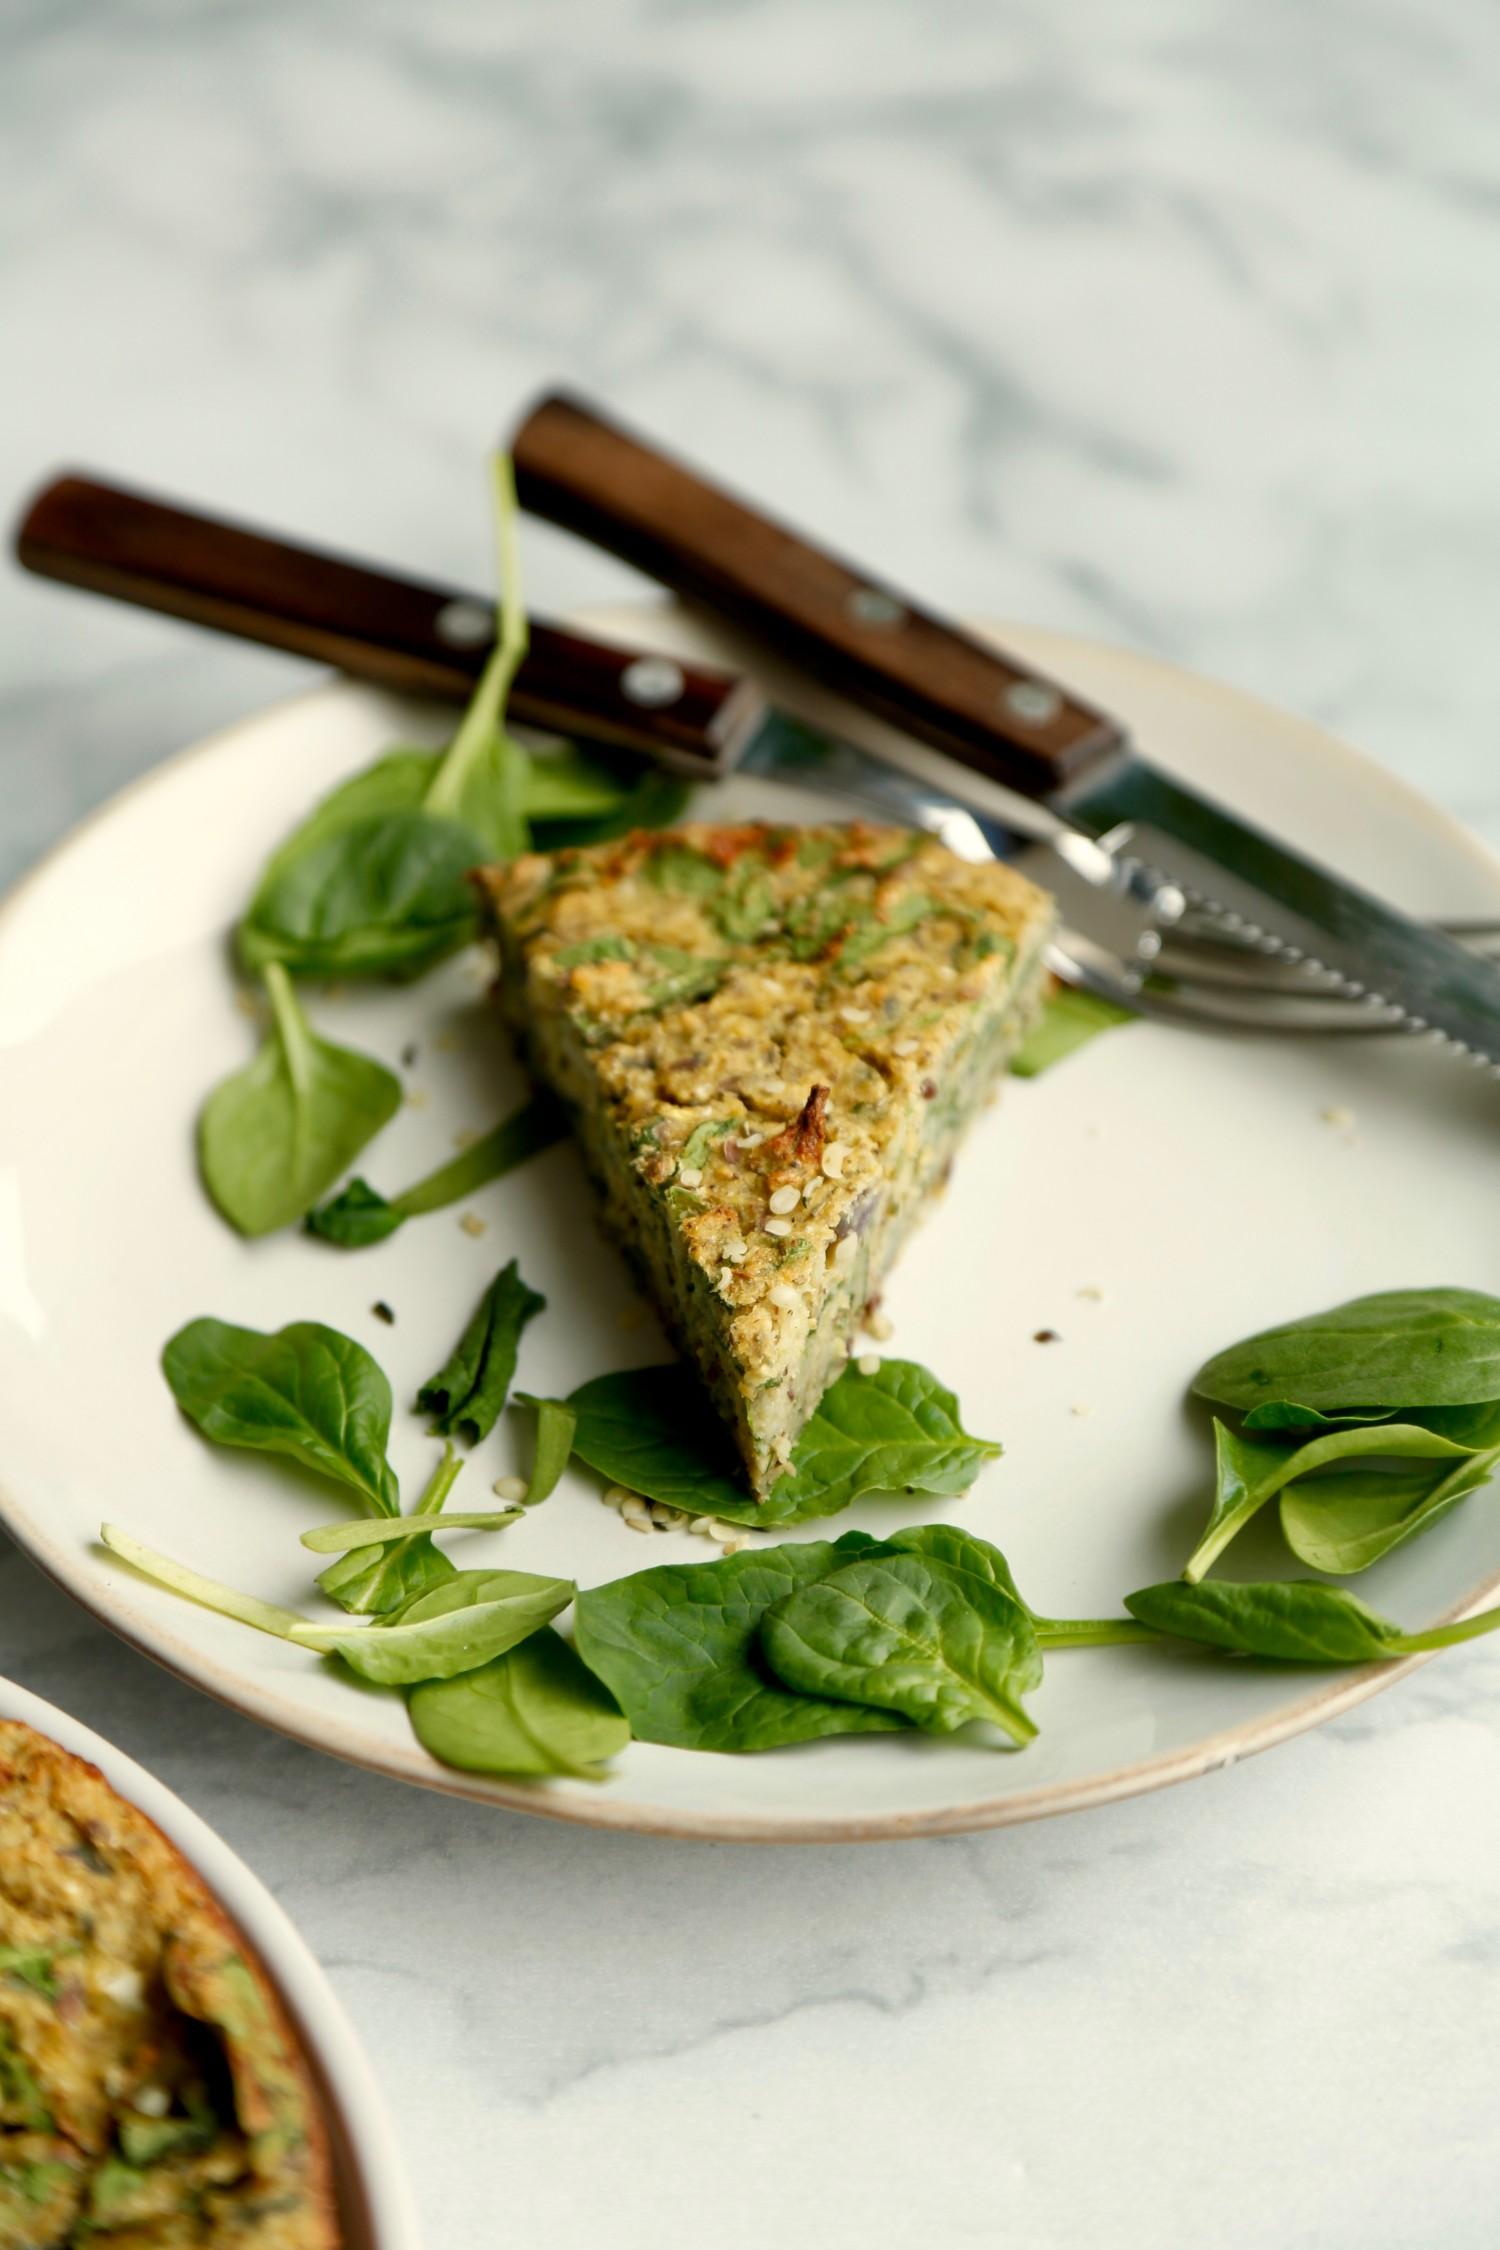 vegansk-taerte-med-blomkaal-og-spinat-glutenfri-3